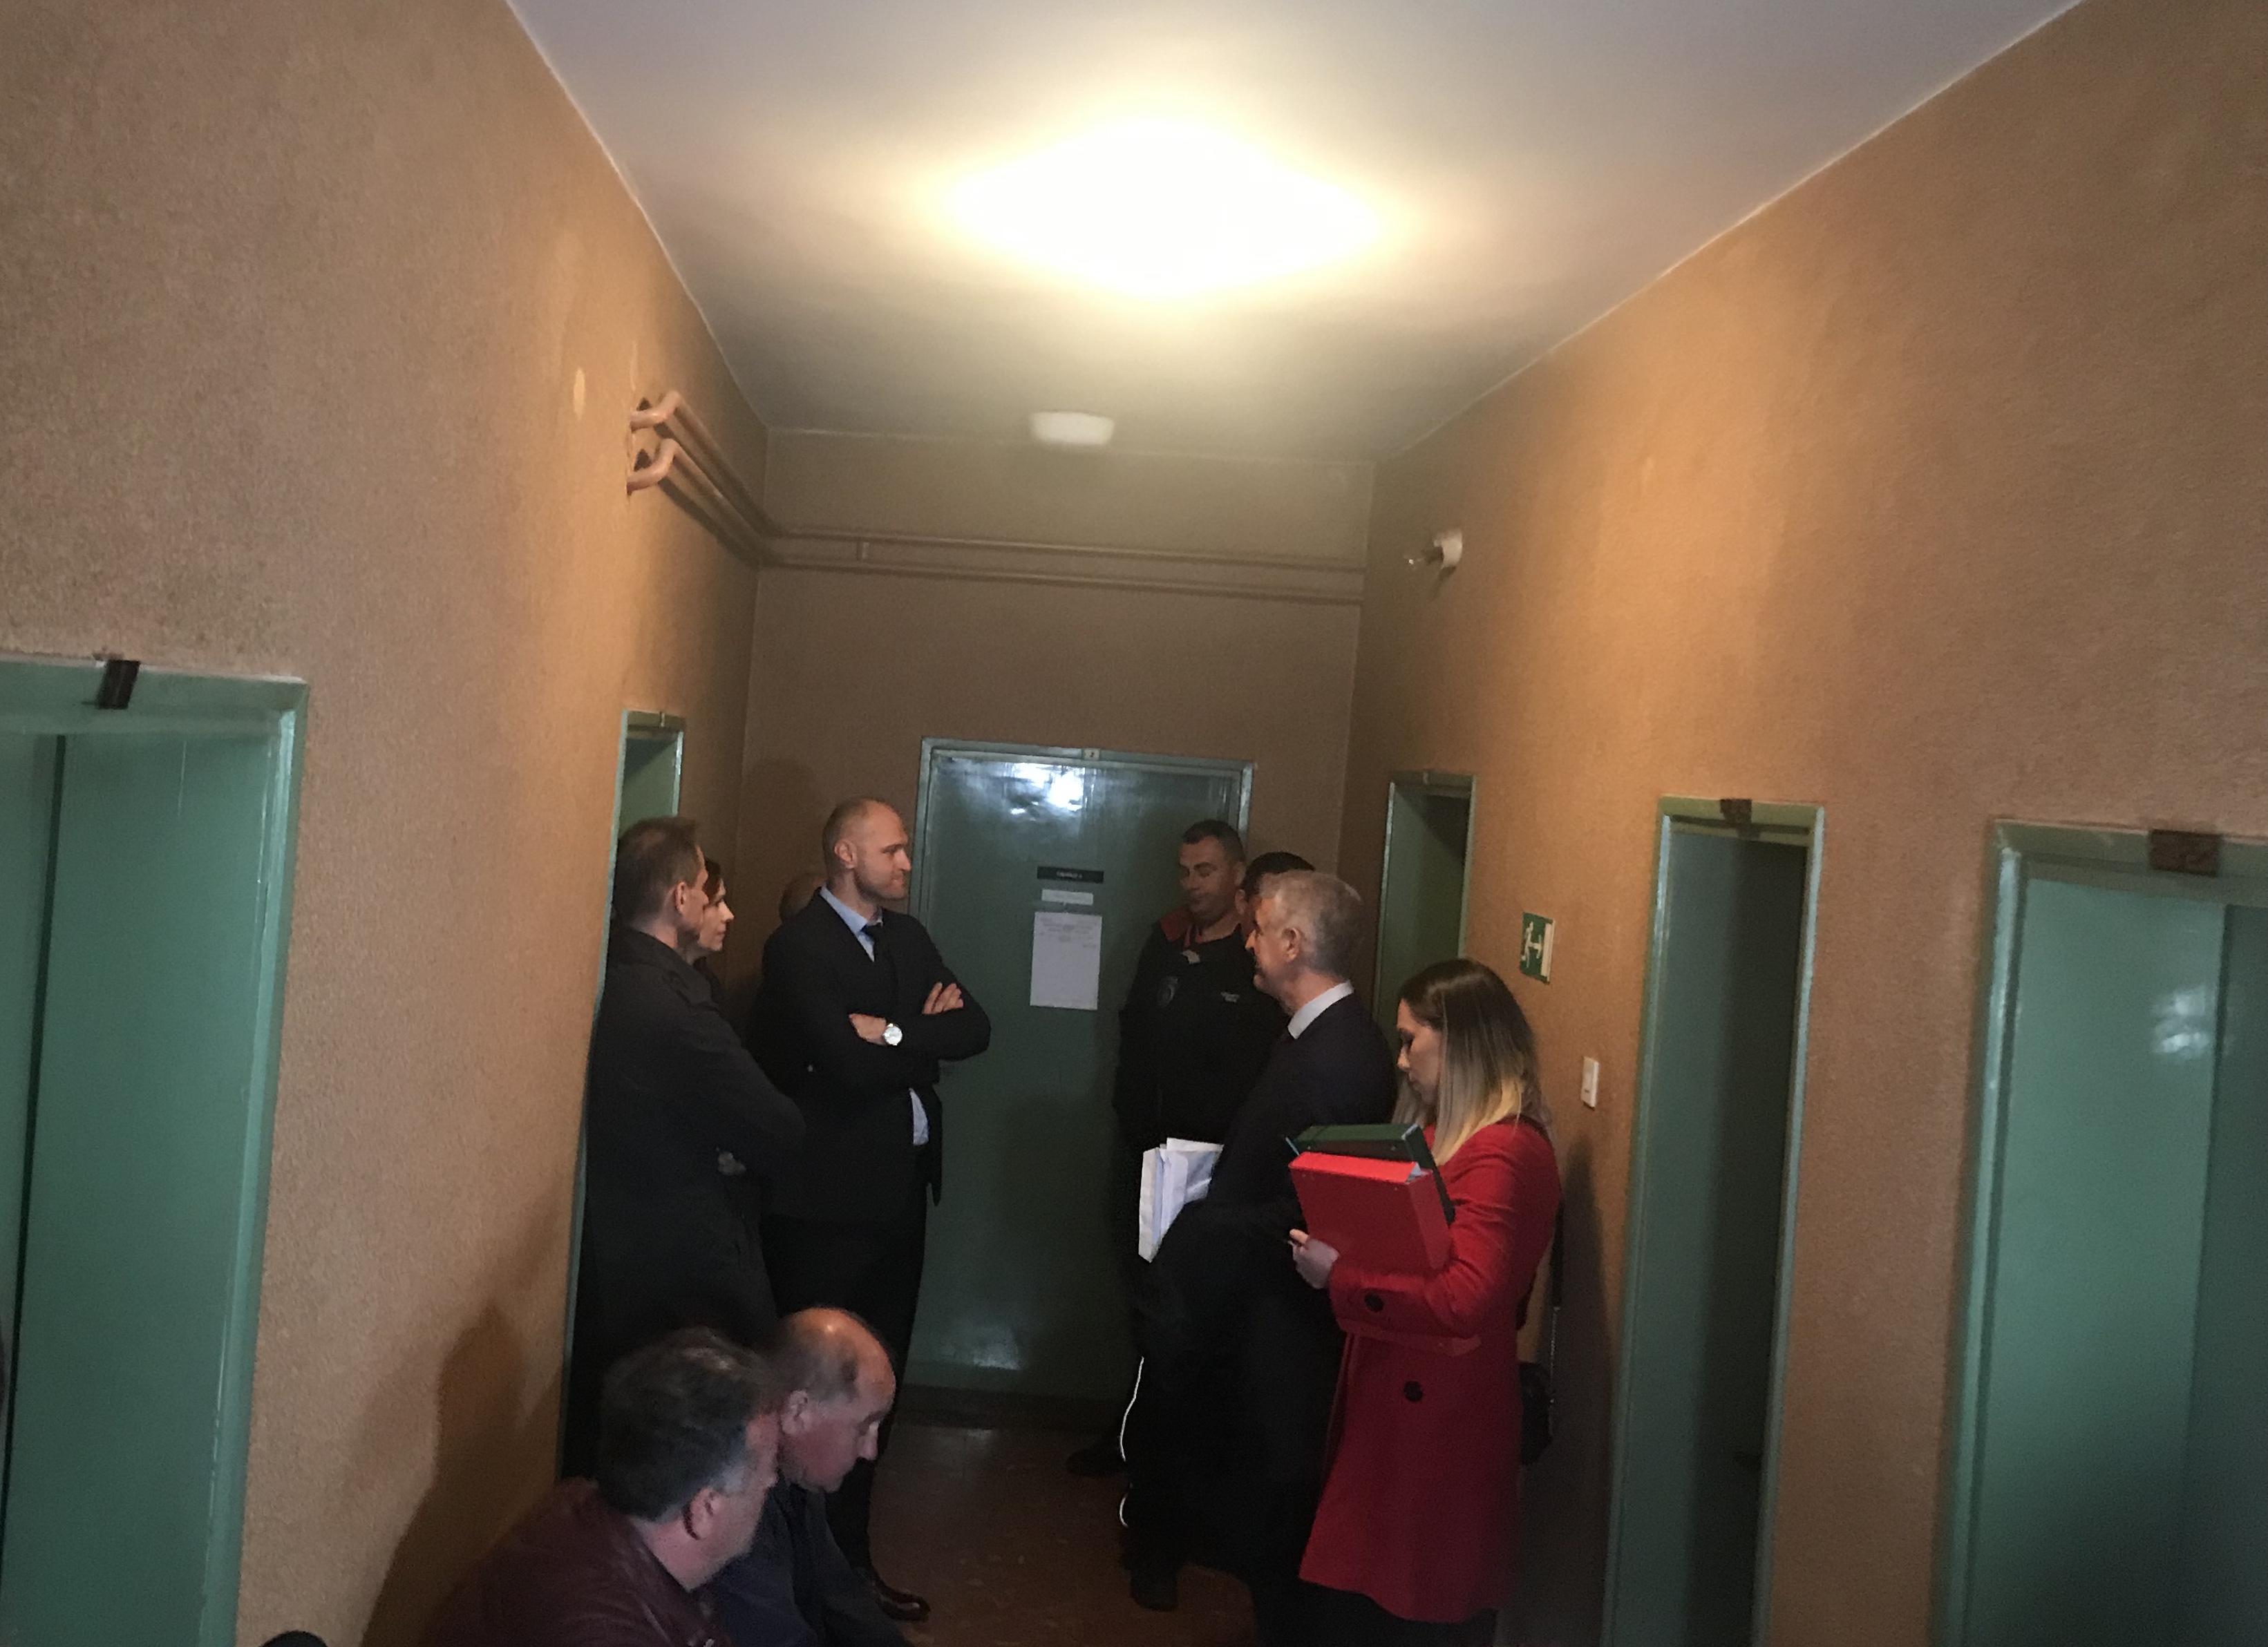 Jeziv dan u Brusu: Žrtva Jutka, a ne Marija Lukić, i ostale zlostavljane i nezaštićene žene, koje i dan danas napadaju bez pardona i bez osude vlasti i državnih organa!